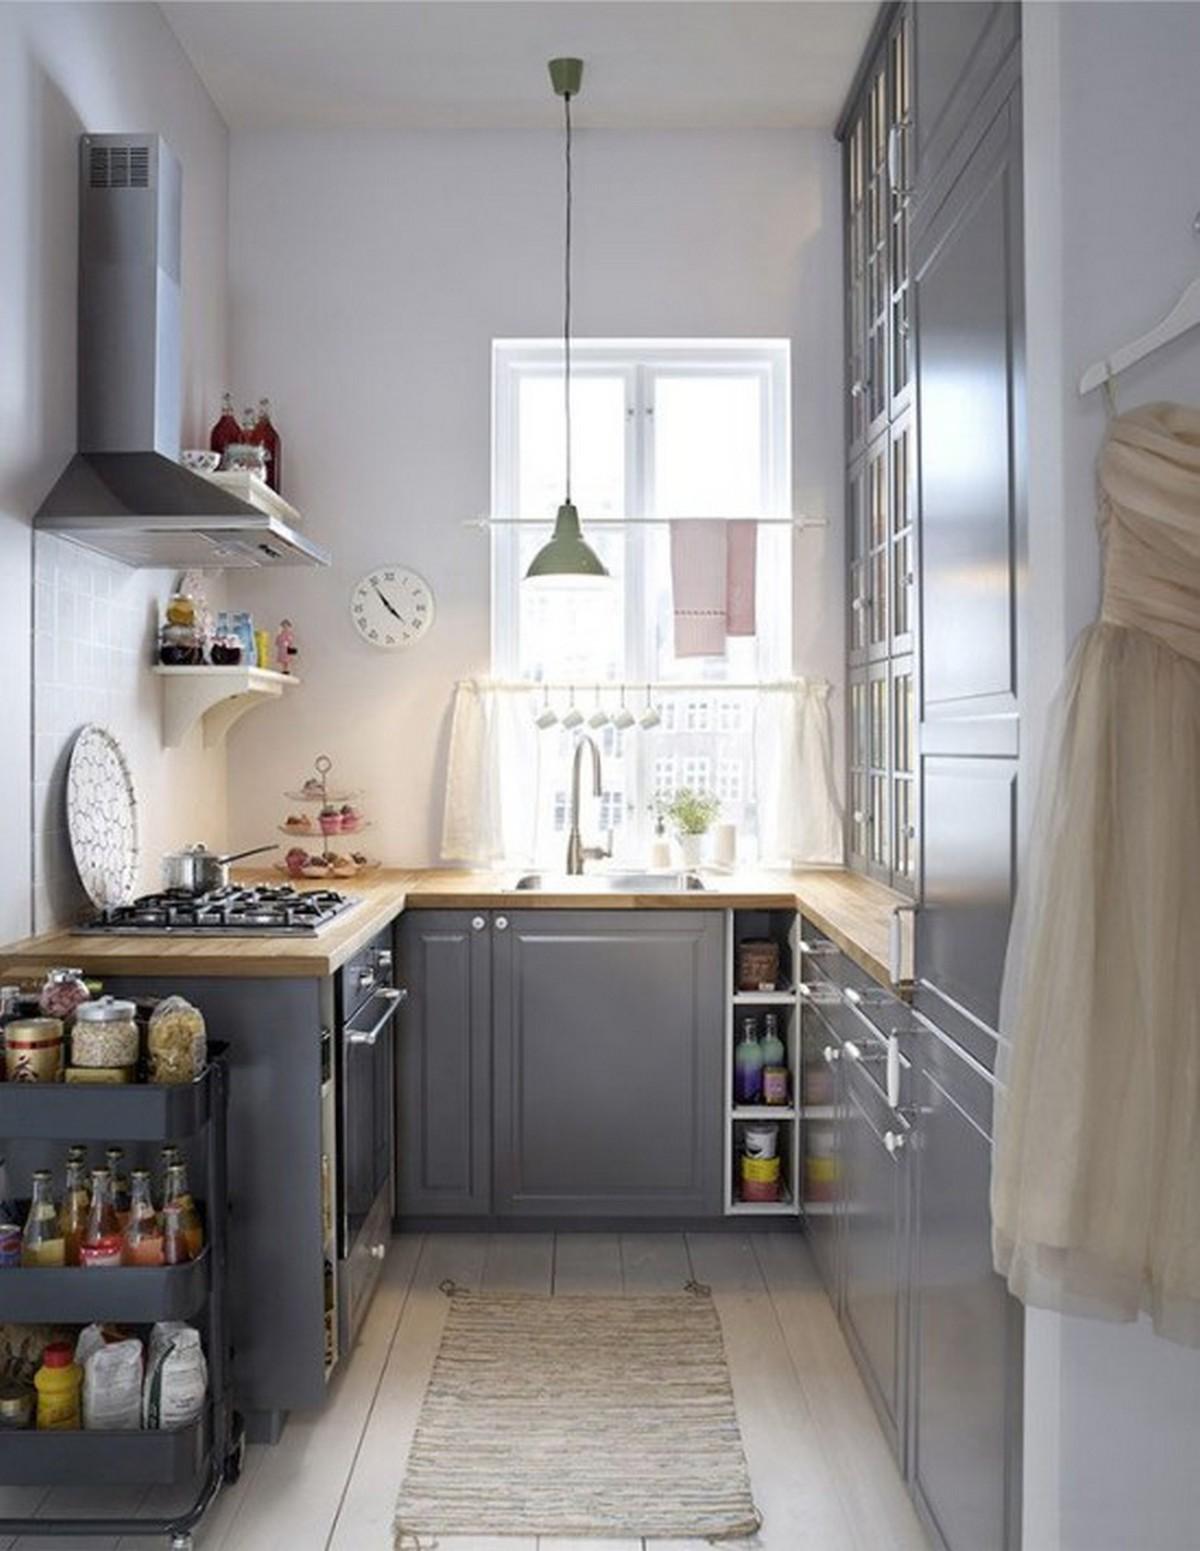 п-образная кухня 6 кв м